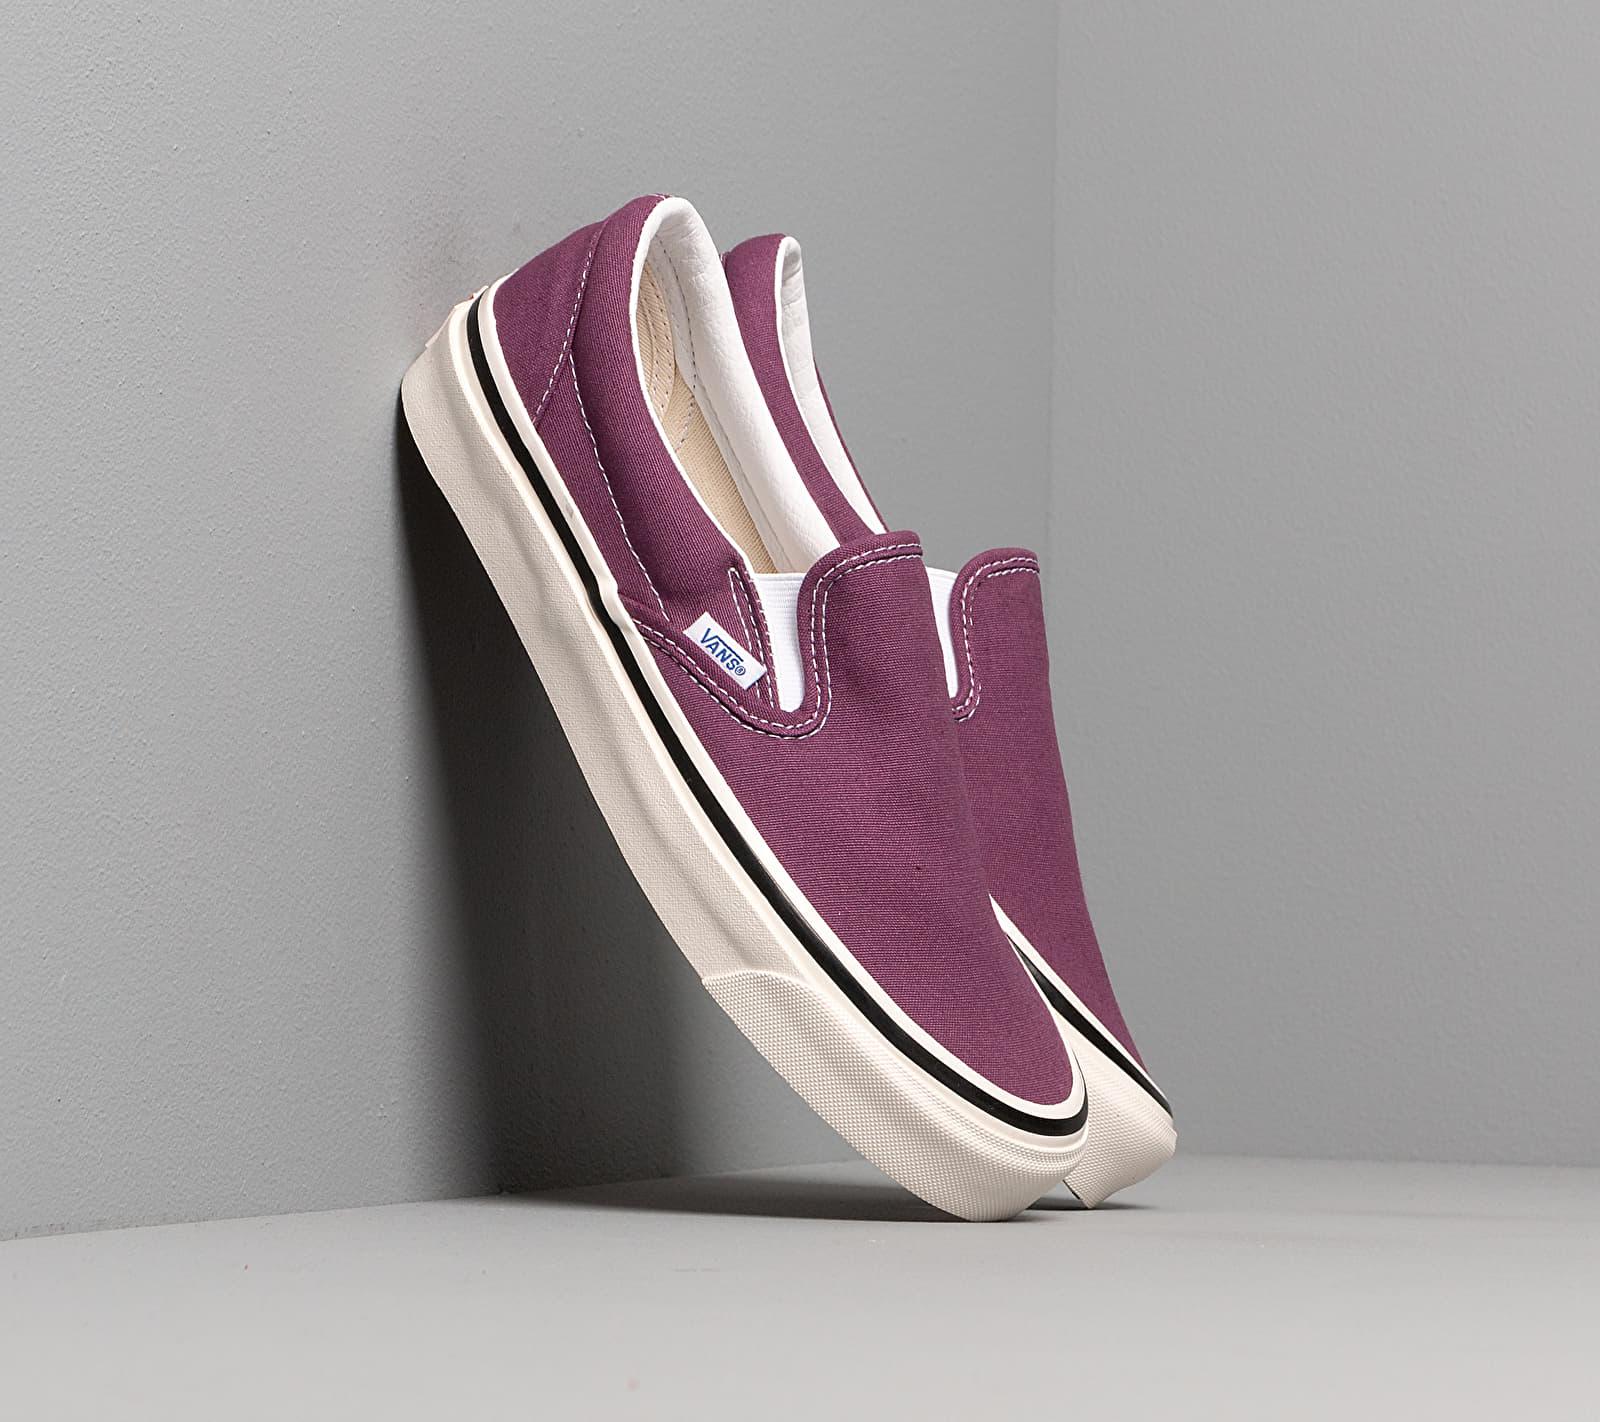 Vans Classic Slip-On 9 OG Grape EUR 38